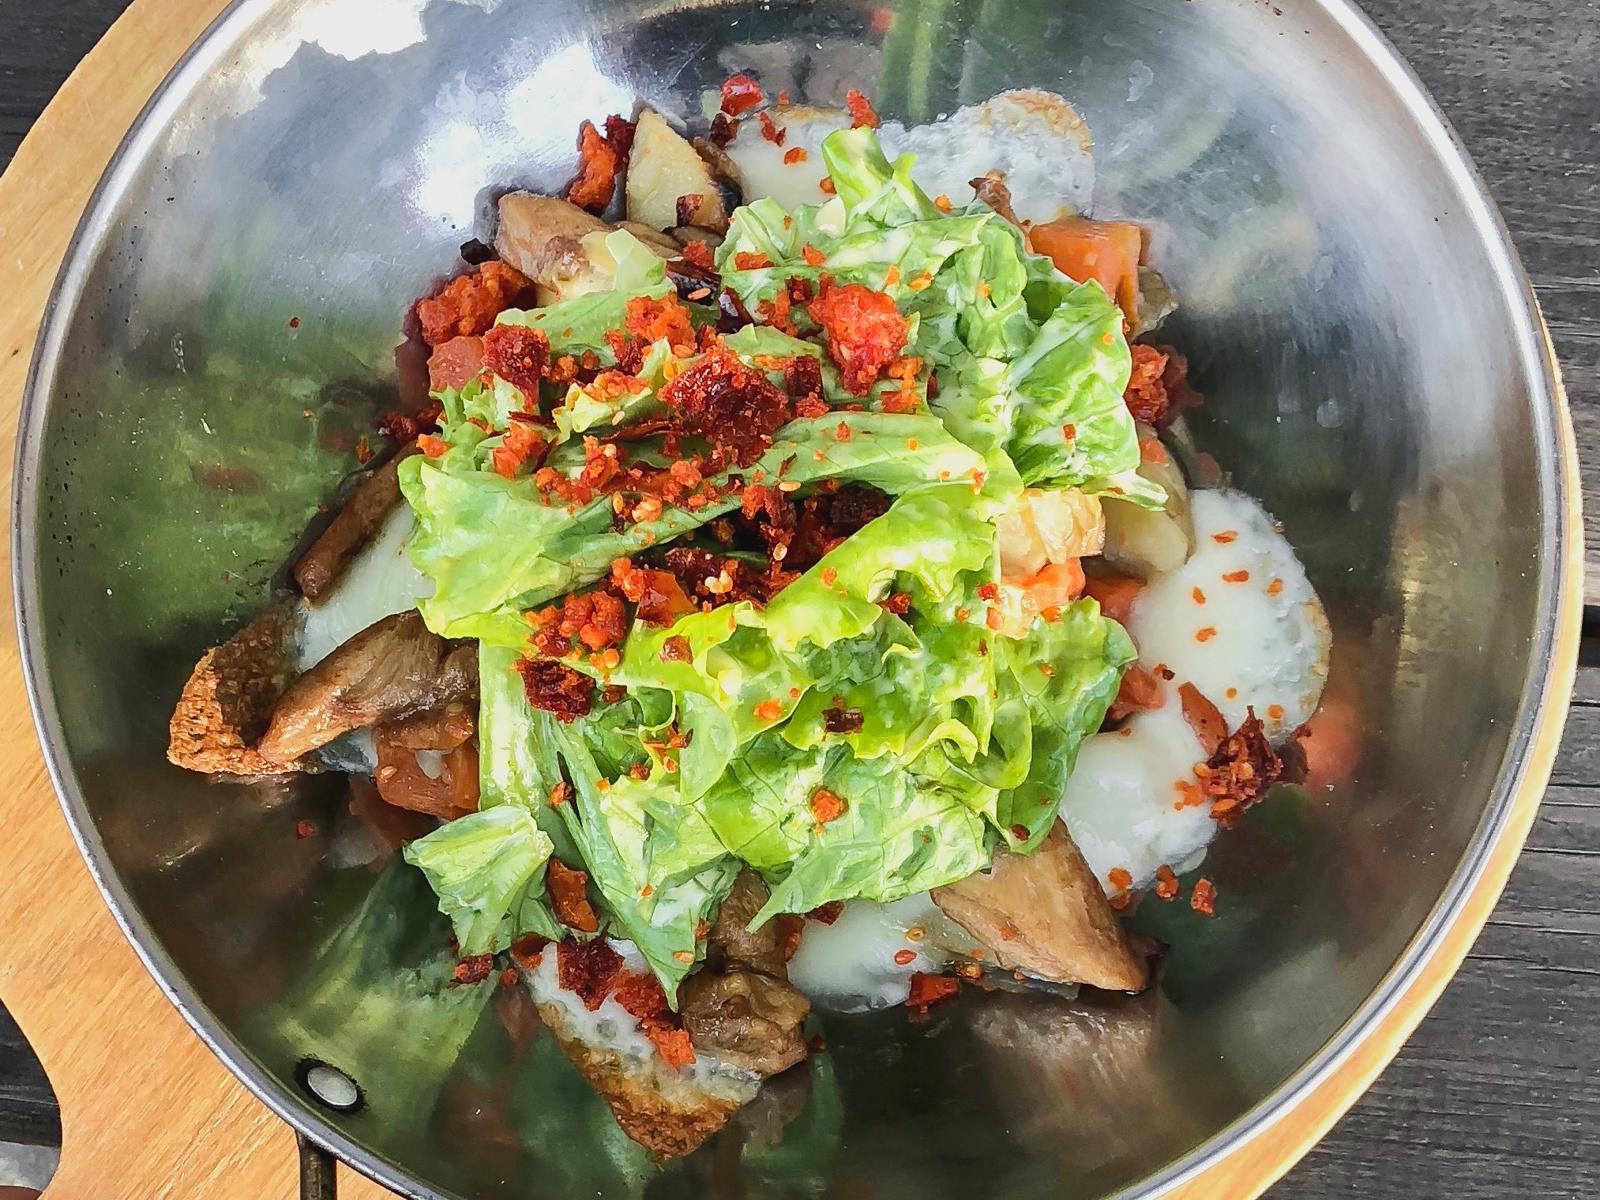 Капсалон с курицей и печёными овощами